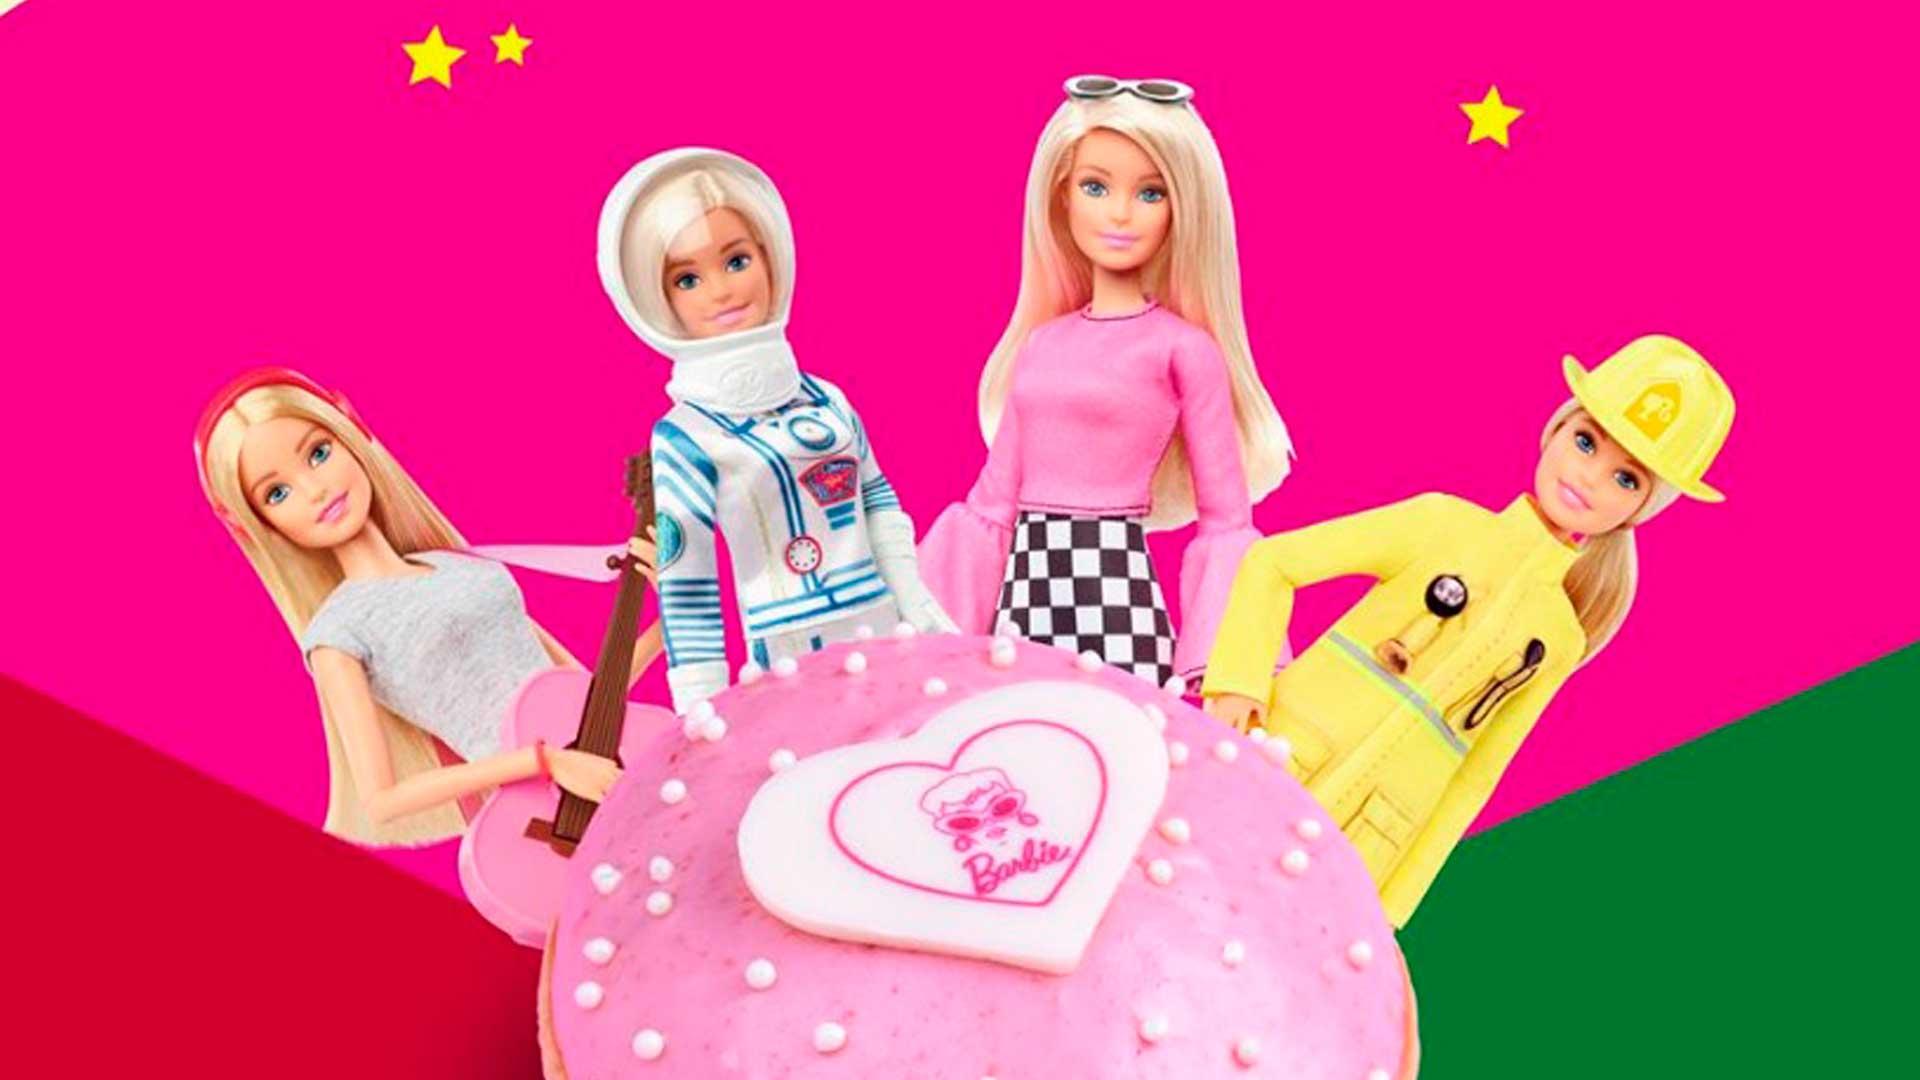 Prueba la dona inspirada en Barbie de Krispy Kreme